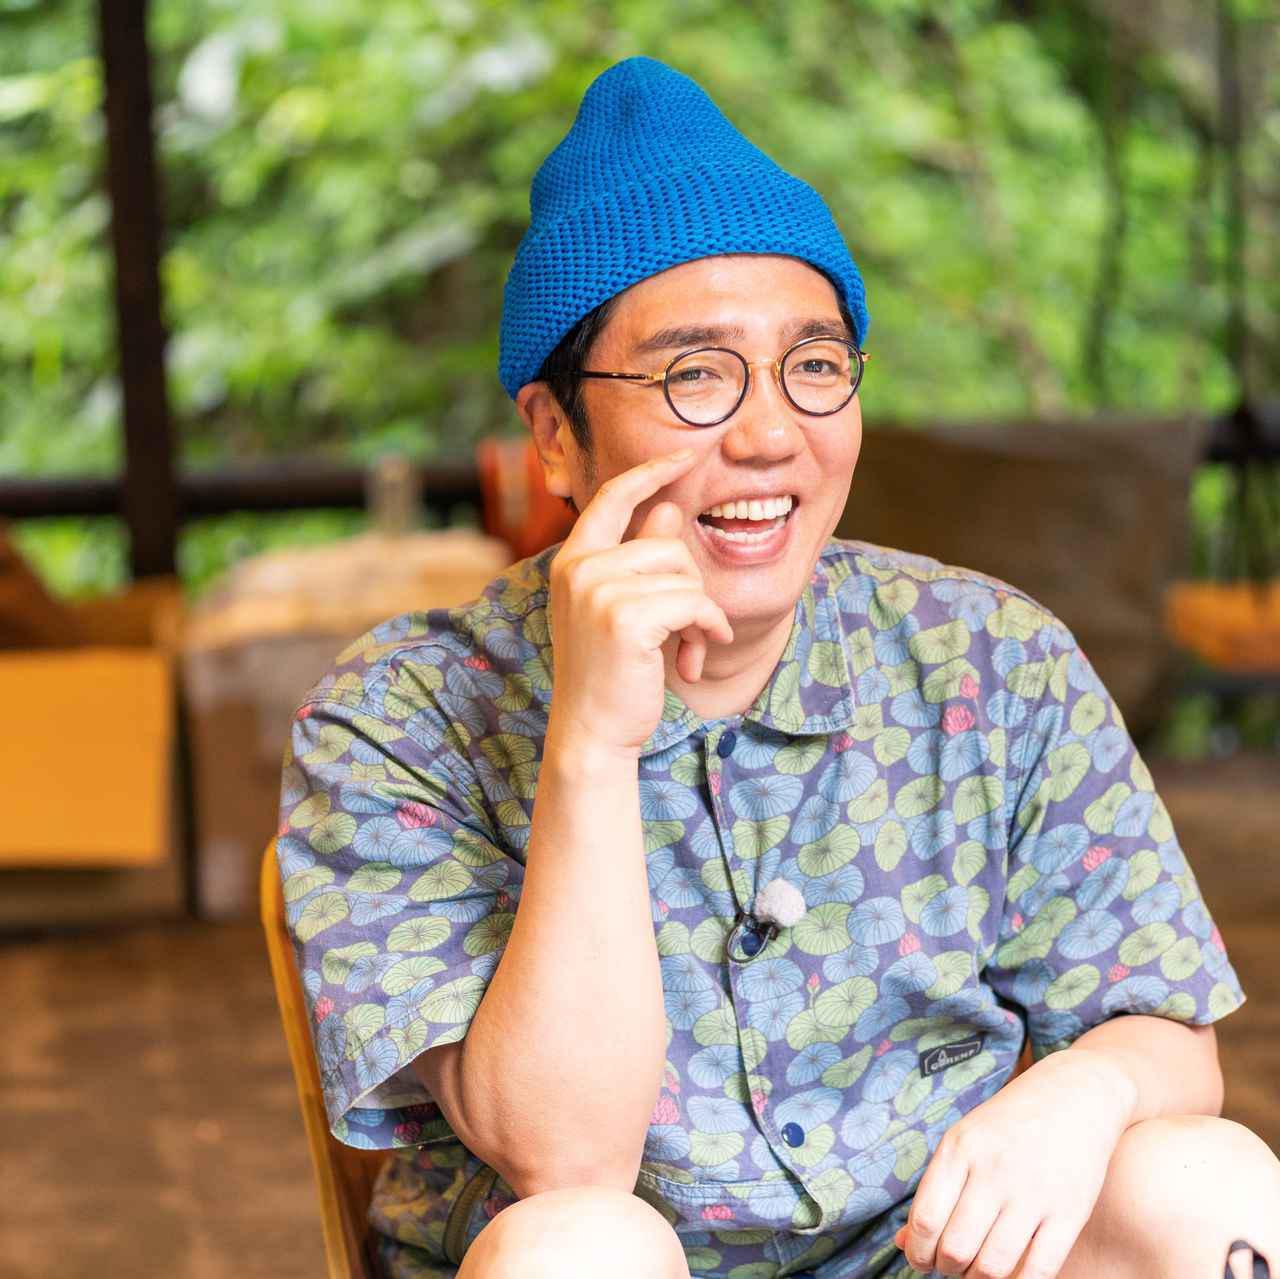 画像1: 小木さん